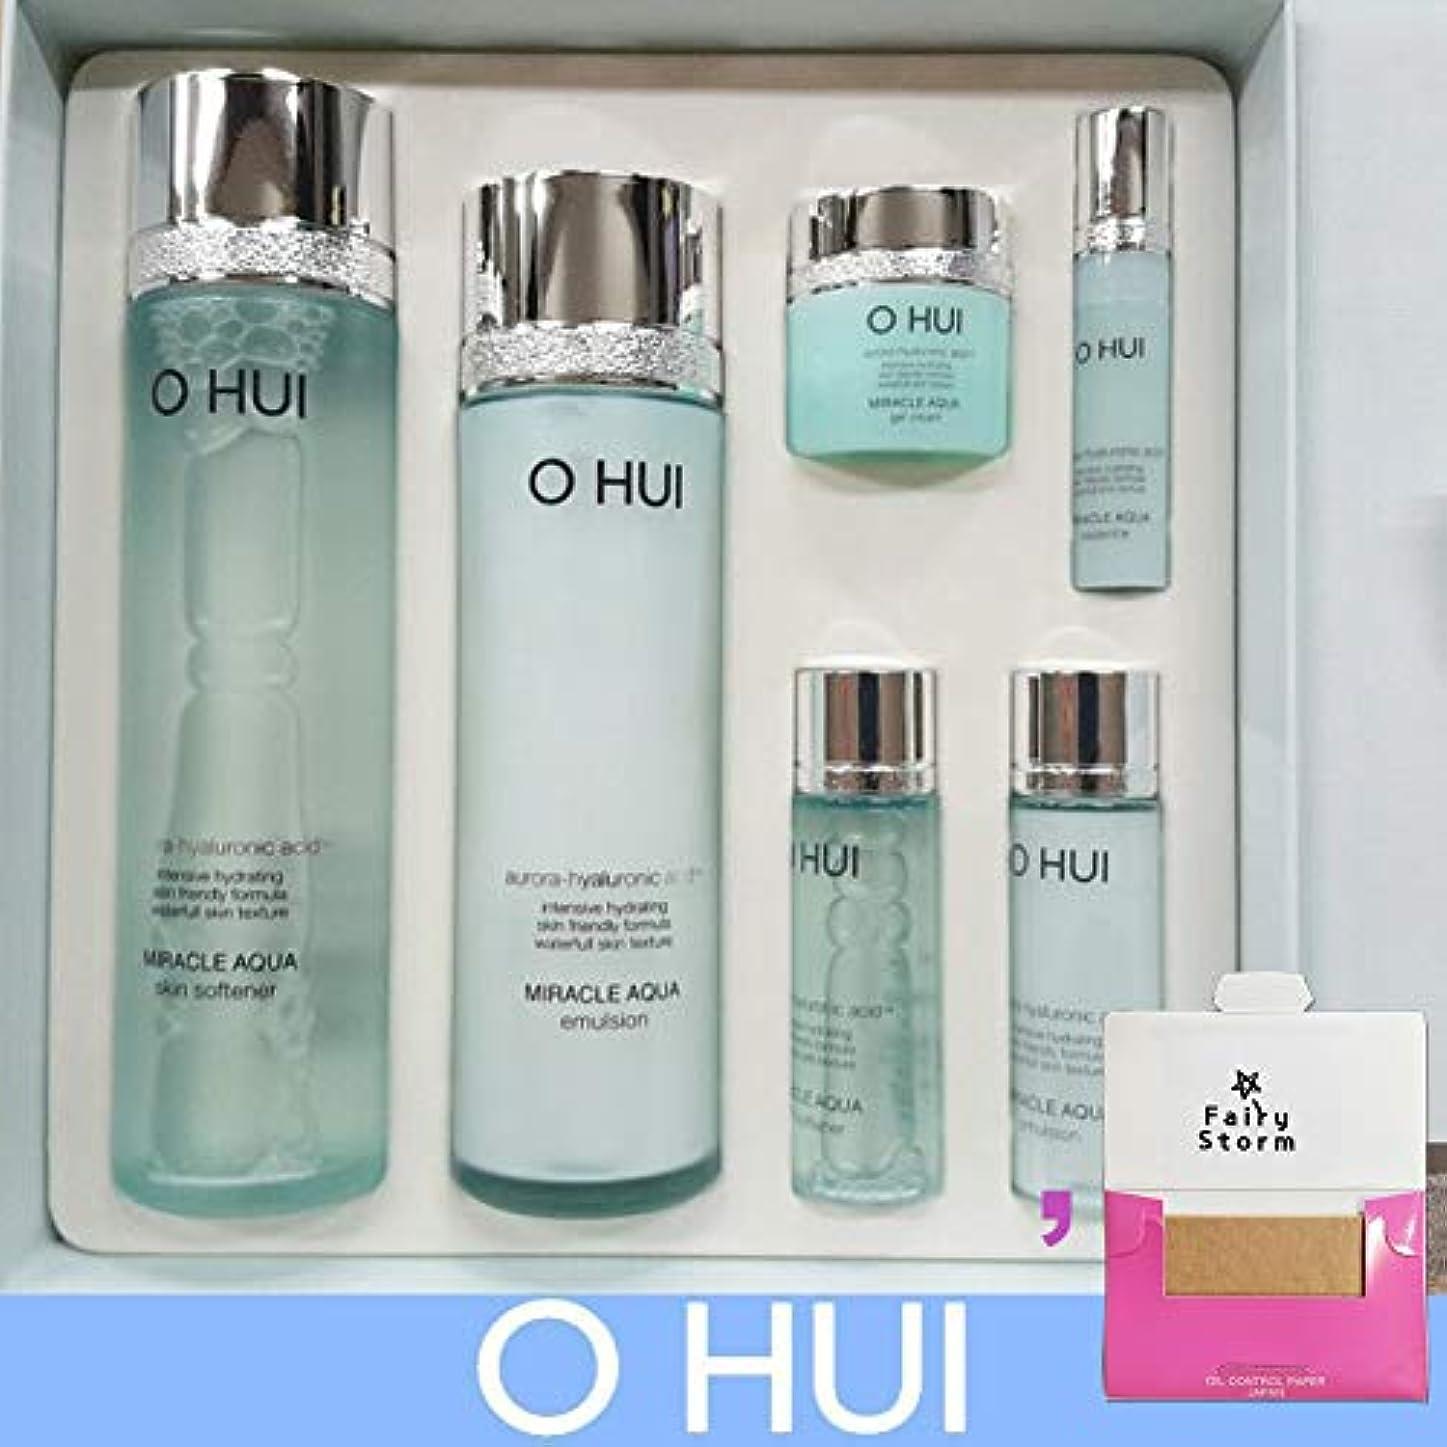 クラック心理的胴体[オフィ/O HUI]韓国化粧品LG生活健康/O HUI MIRACLE AQUA SPECIAL SET/ミラクルアクア2種セット+[Sample Gift](海外直送品)